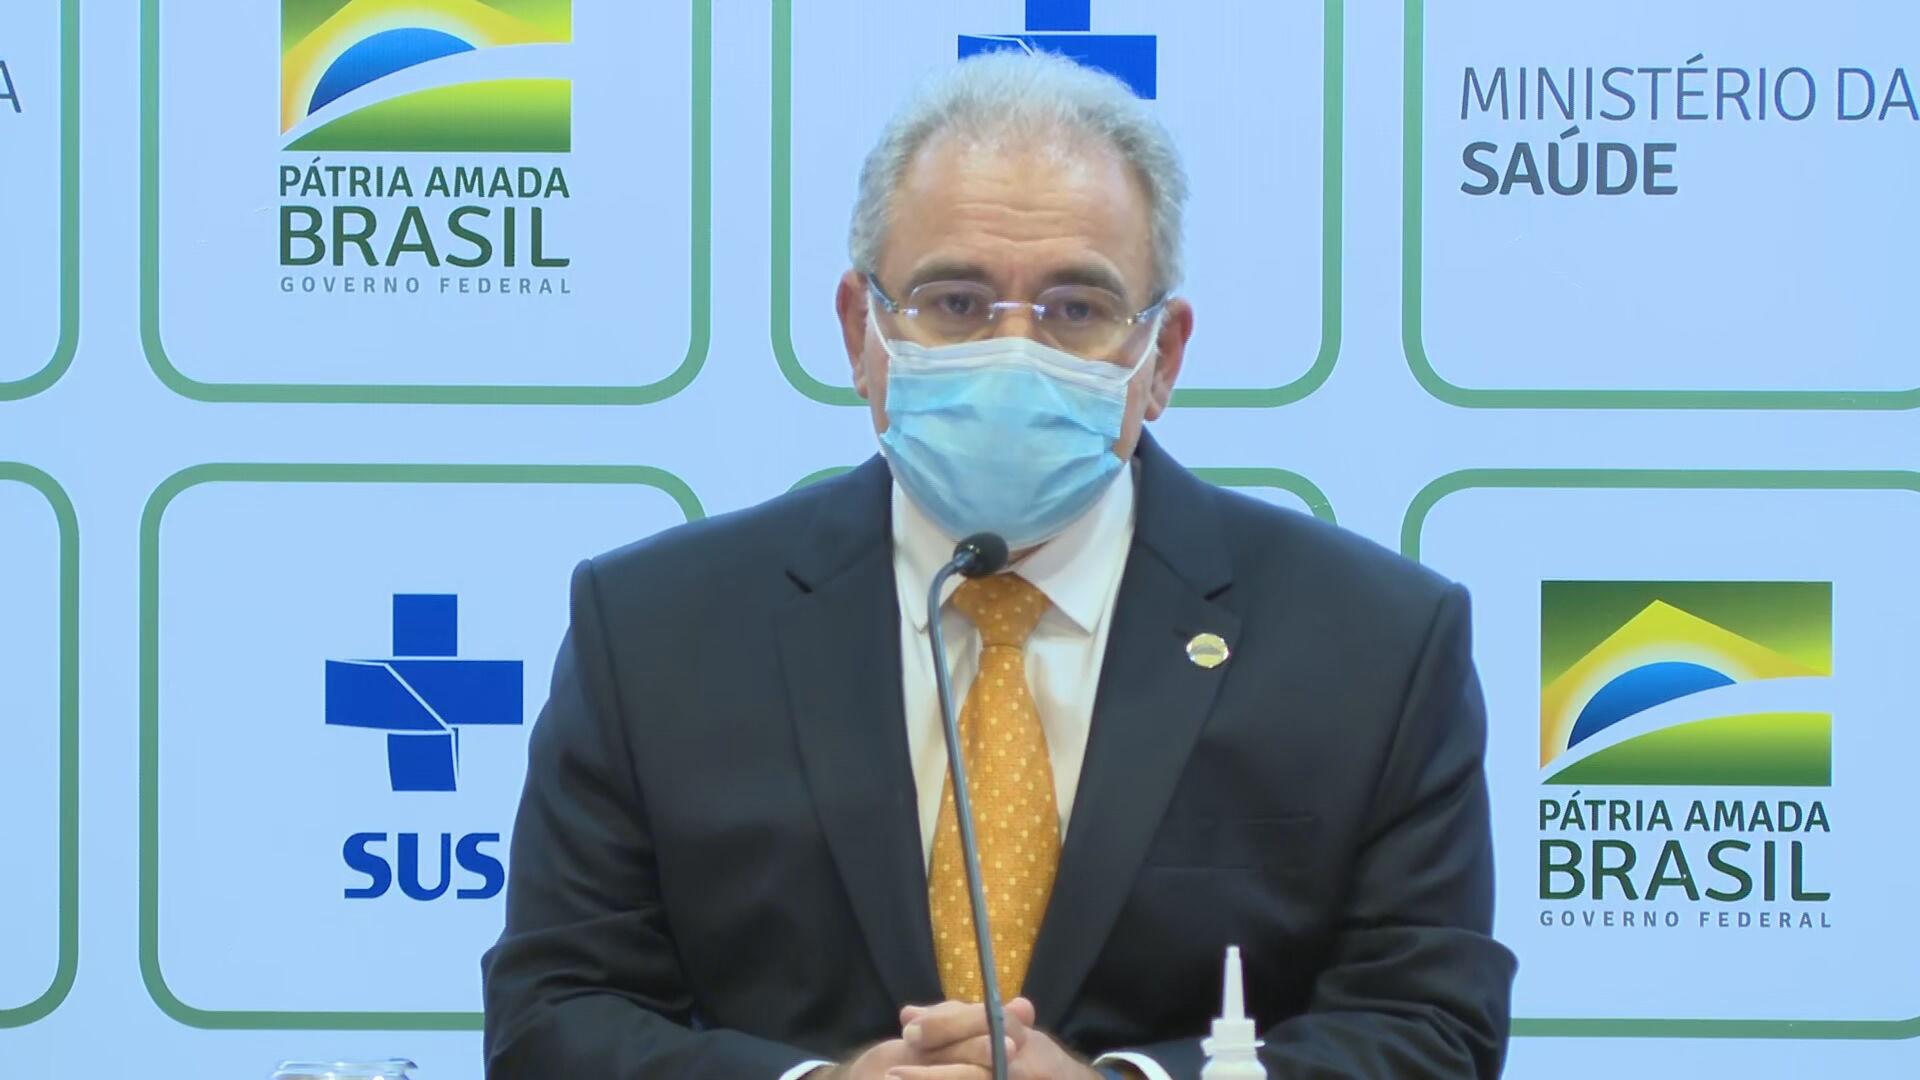 O ministro da Saúde, Marcelo Queiroga, em coletiva de imprensa